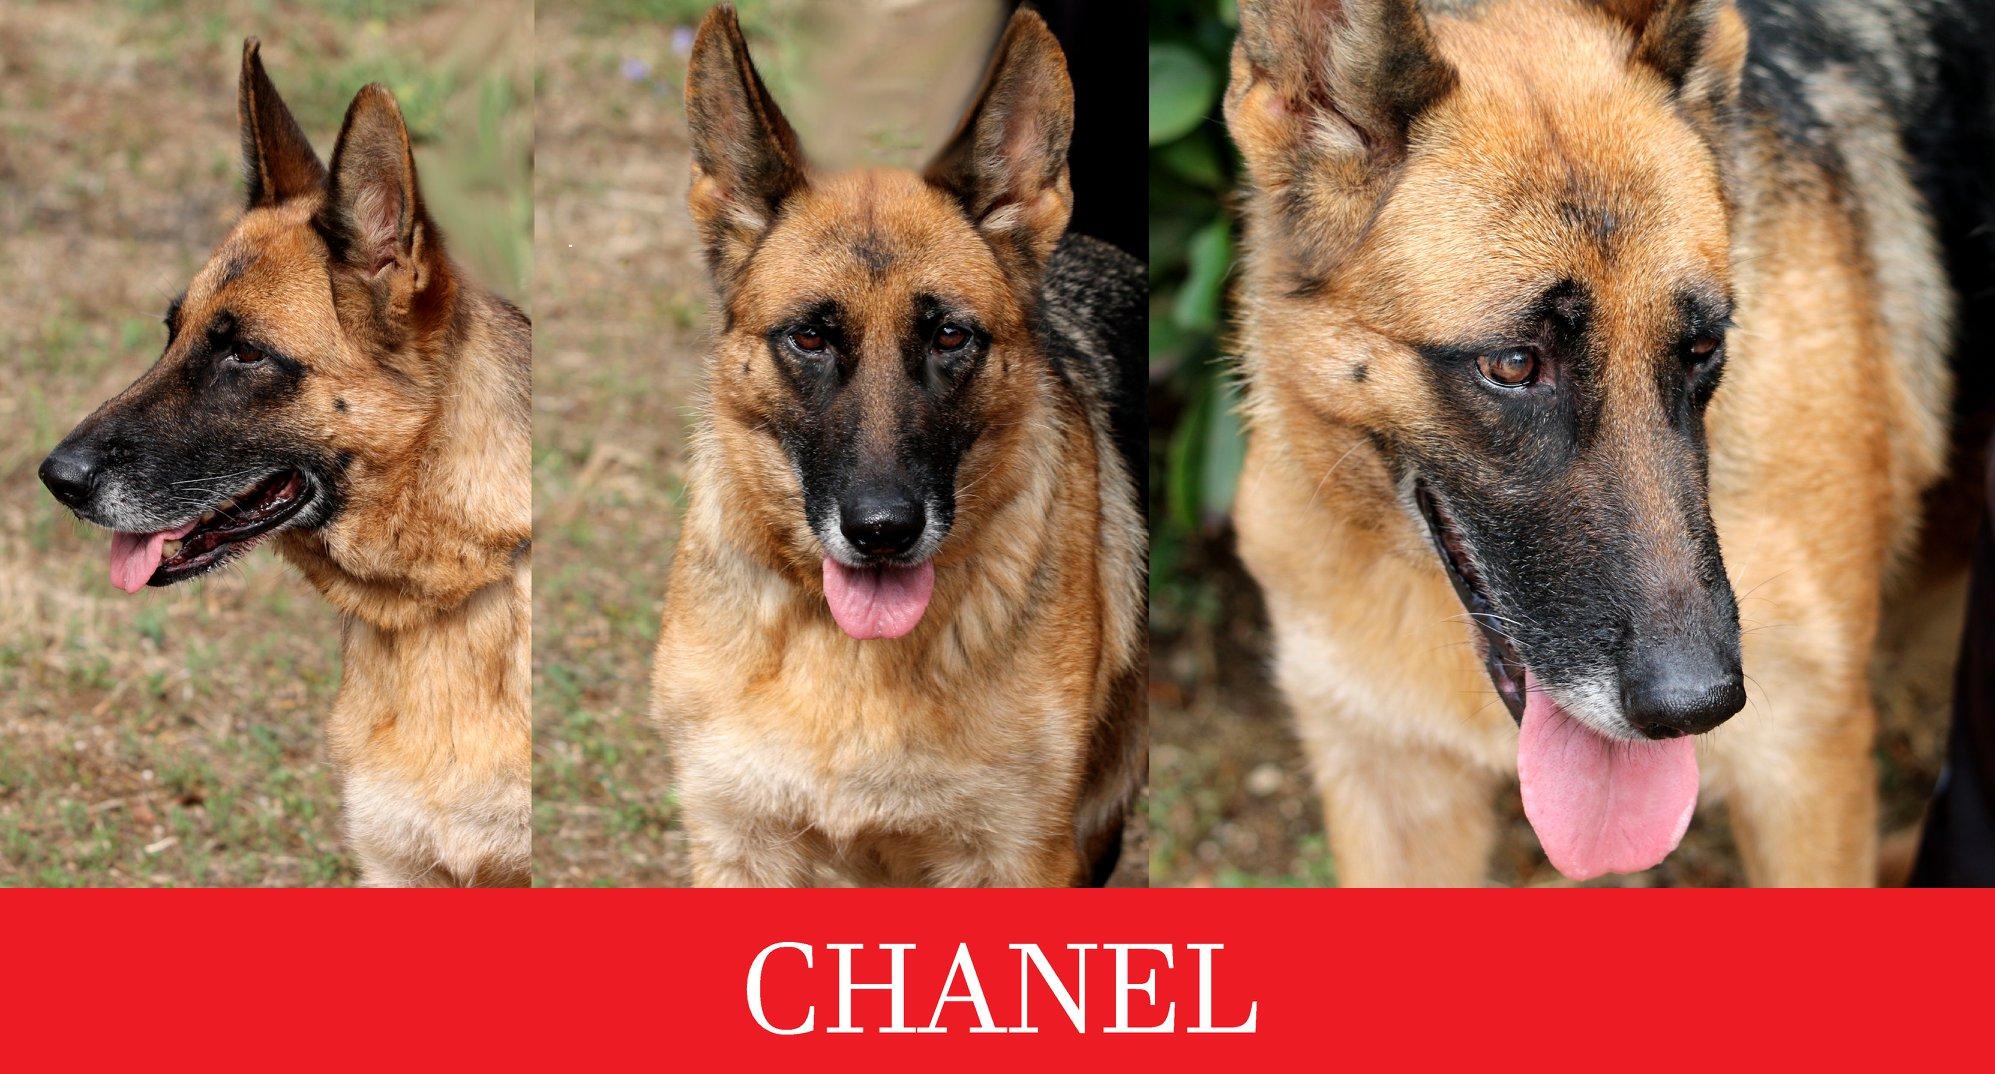 Sos – Chanel cerca casa urgente